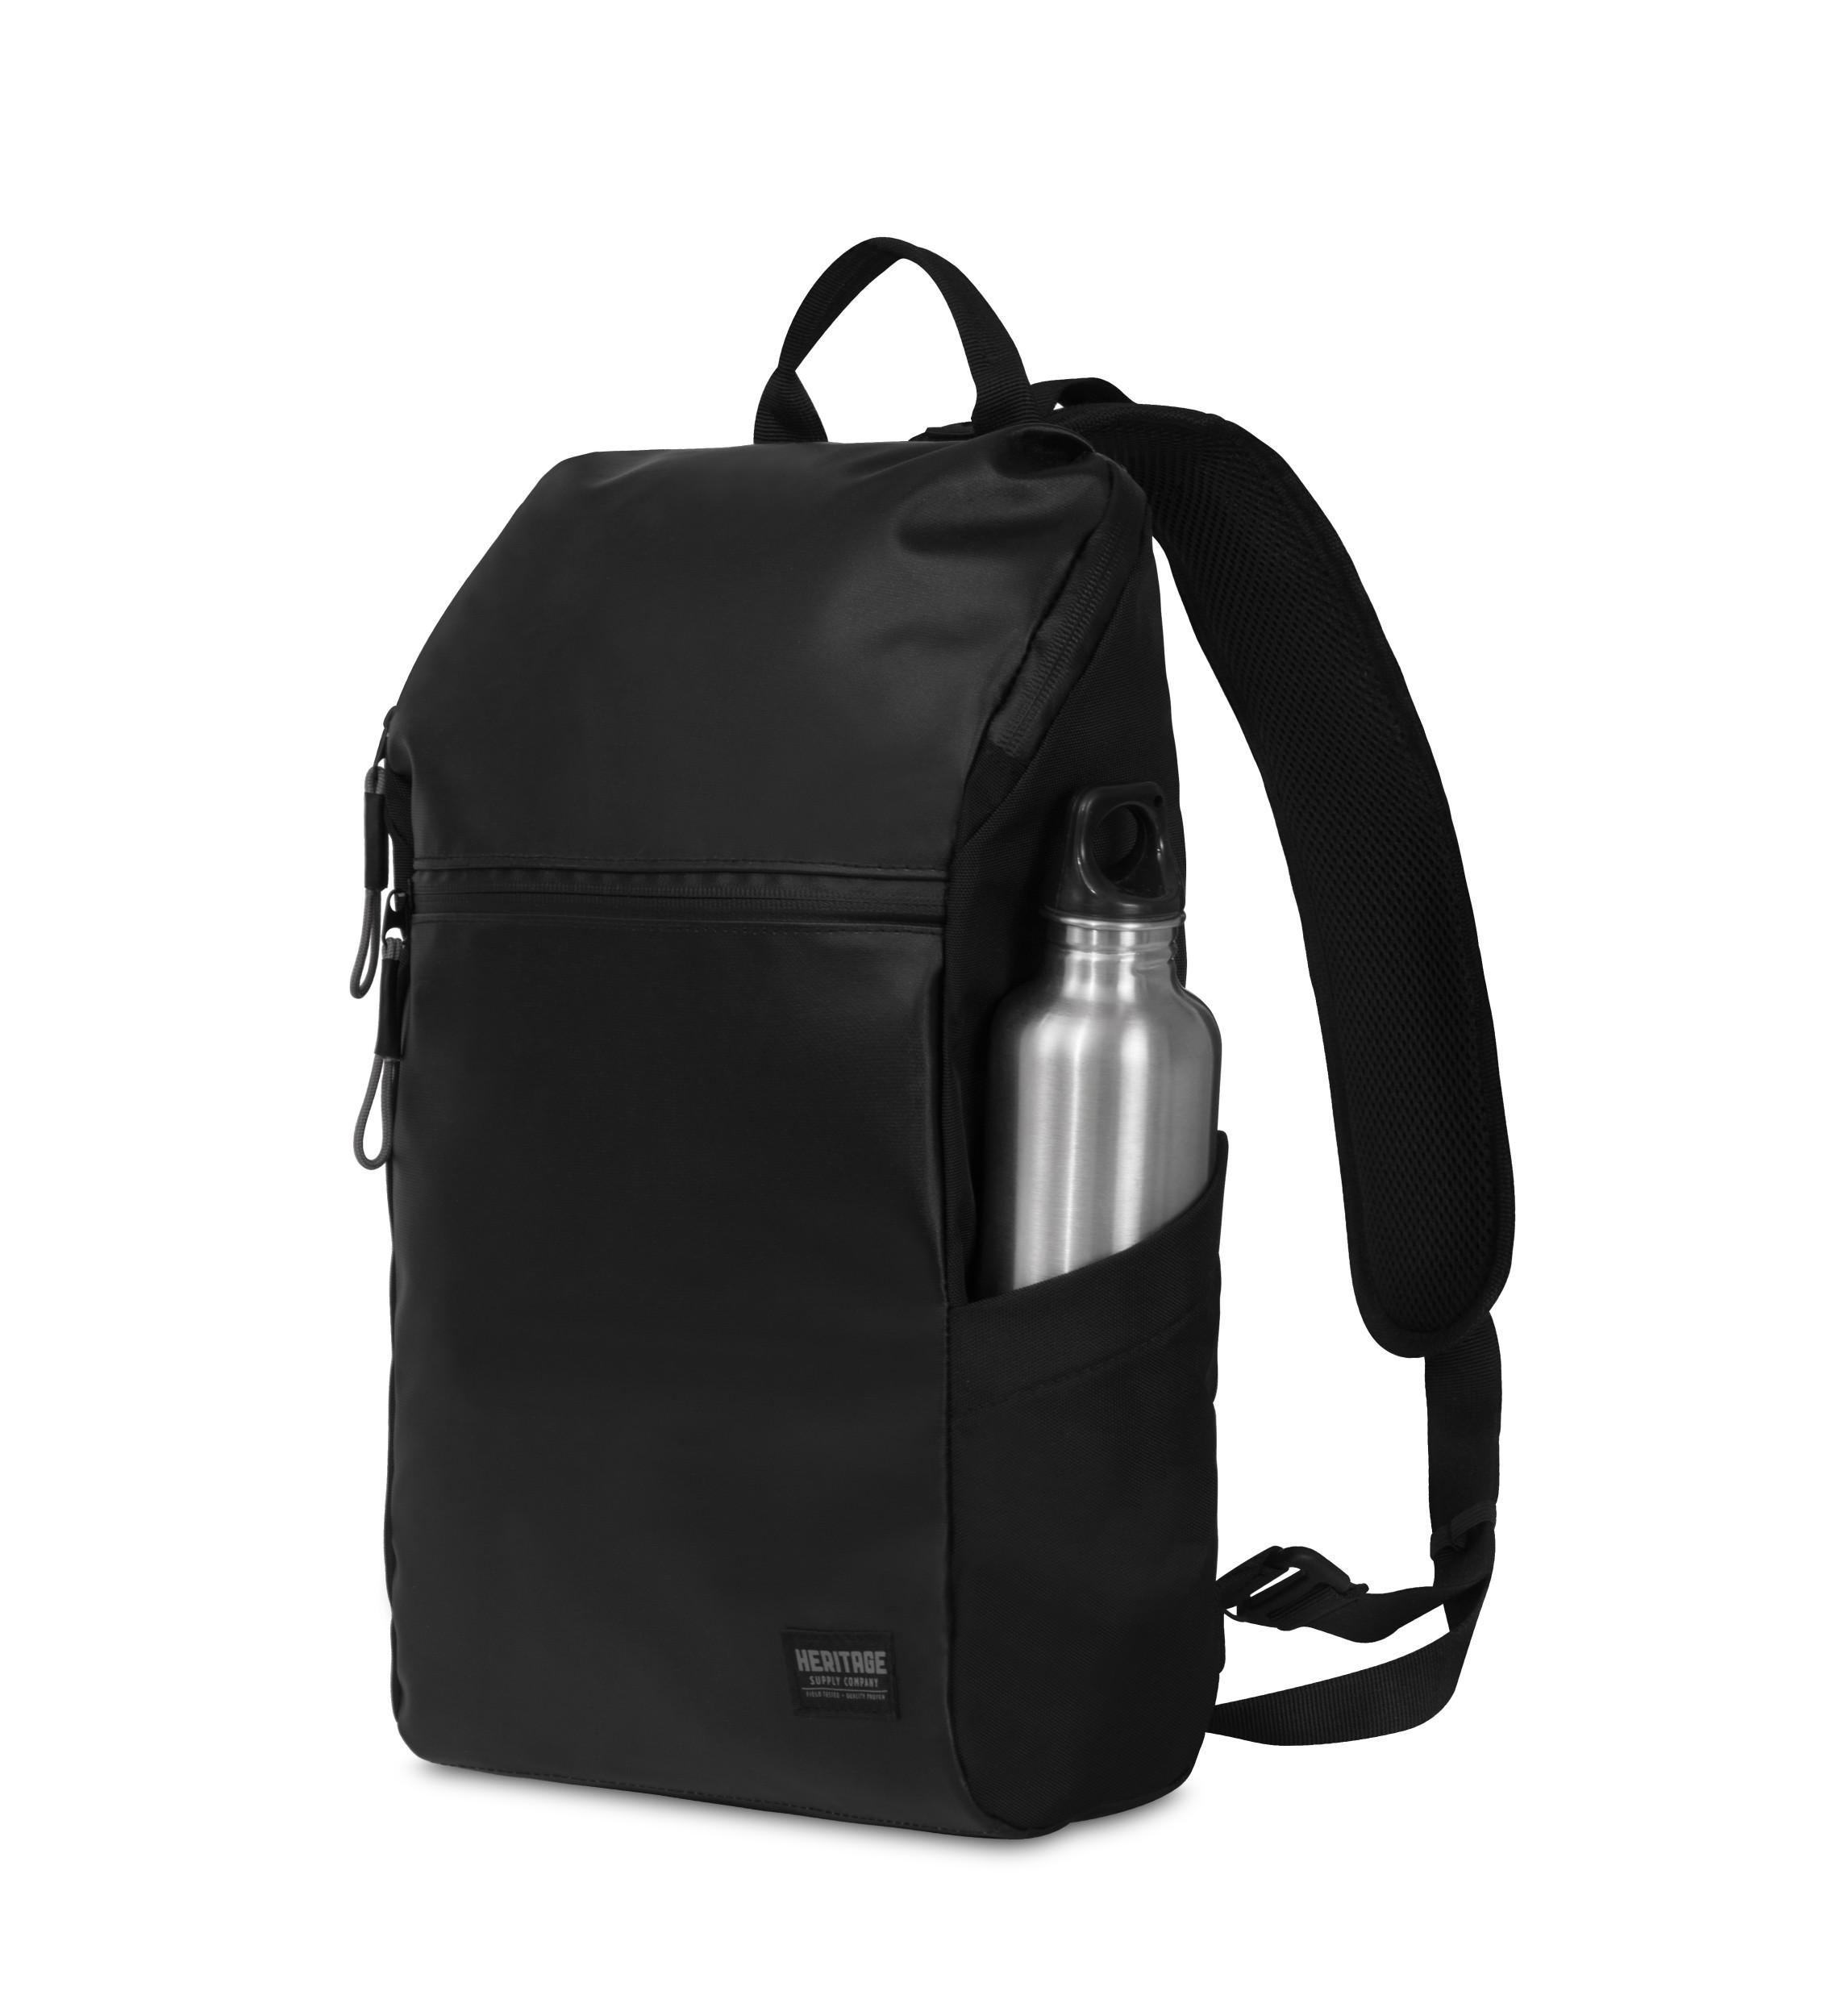 Heritage Supply 5502 - Highline Sling Bag